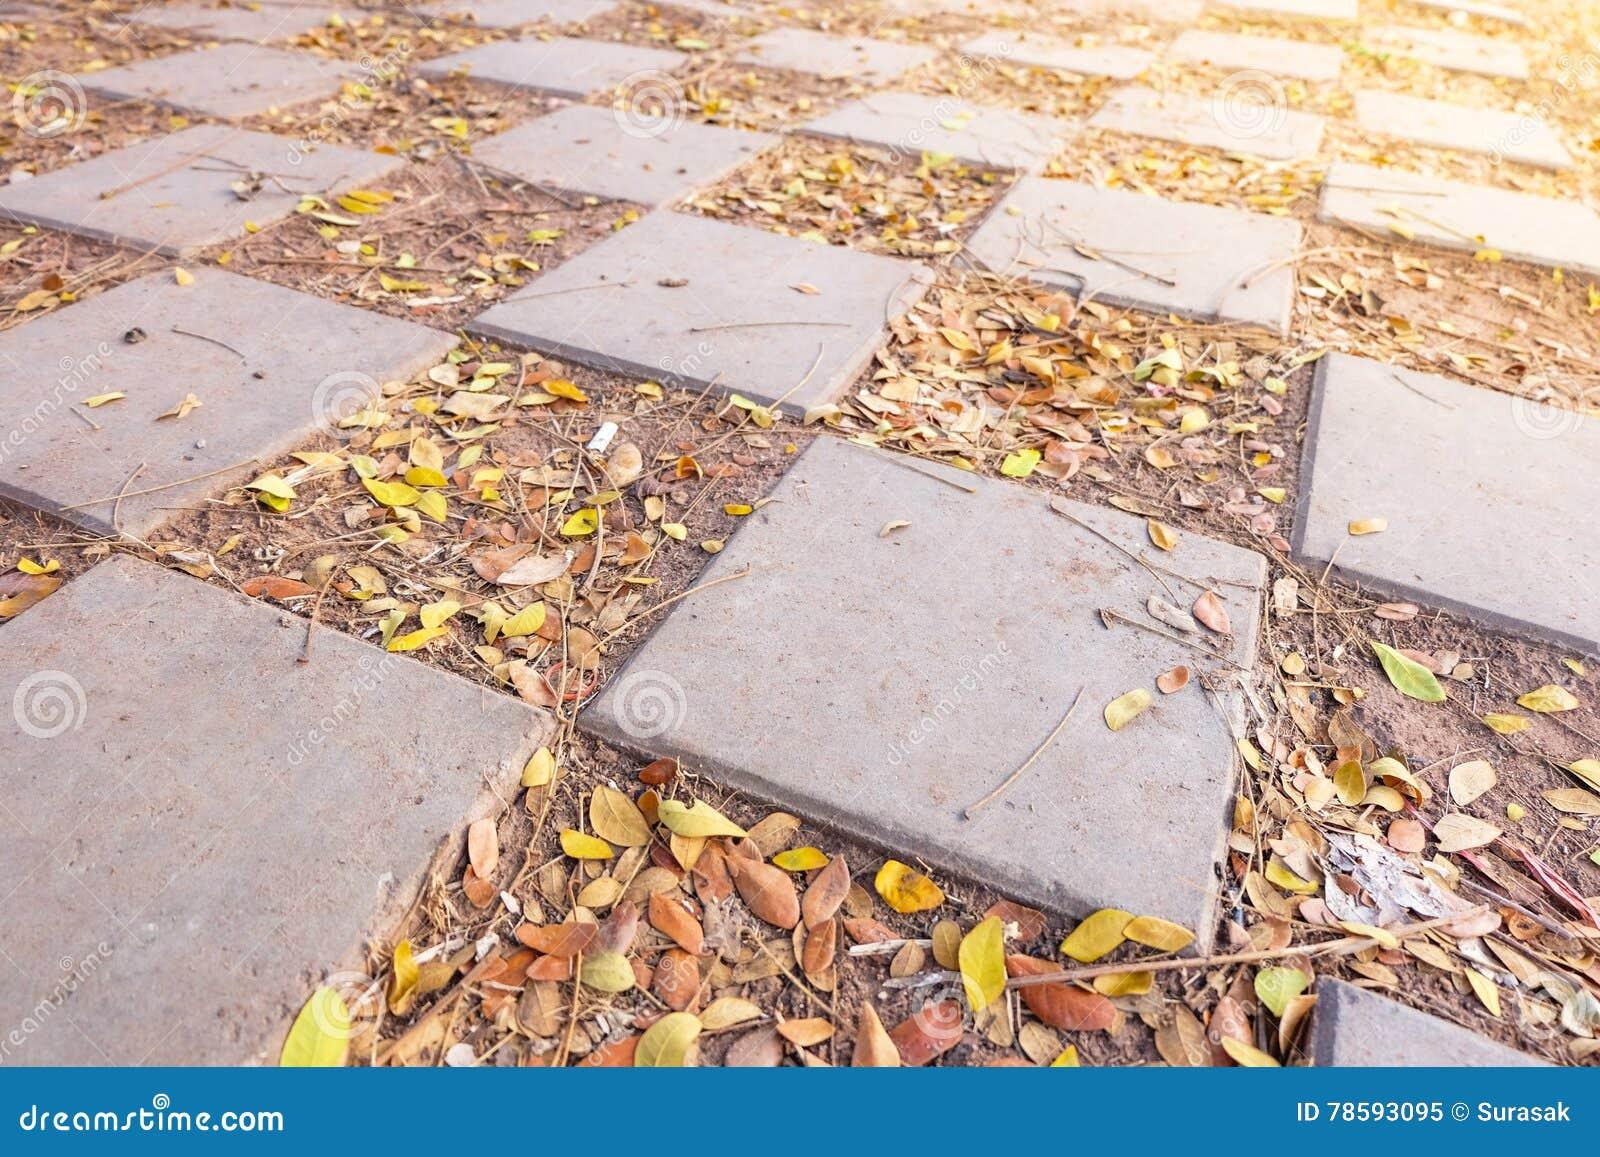 Patterned brick flooring.